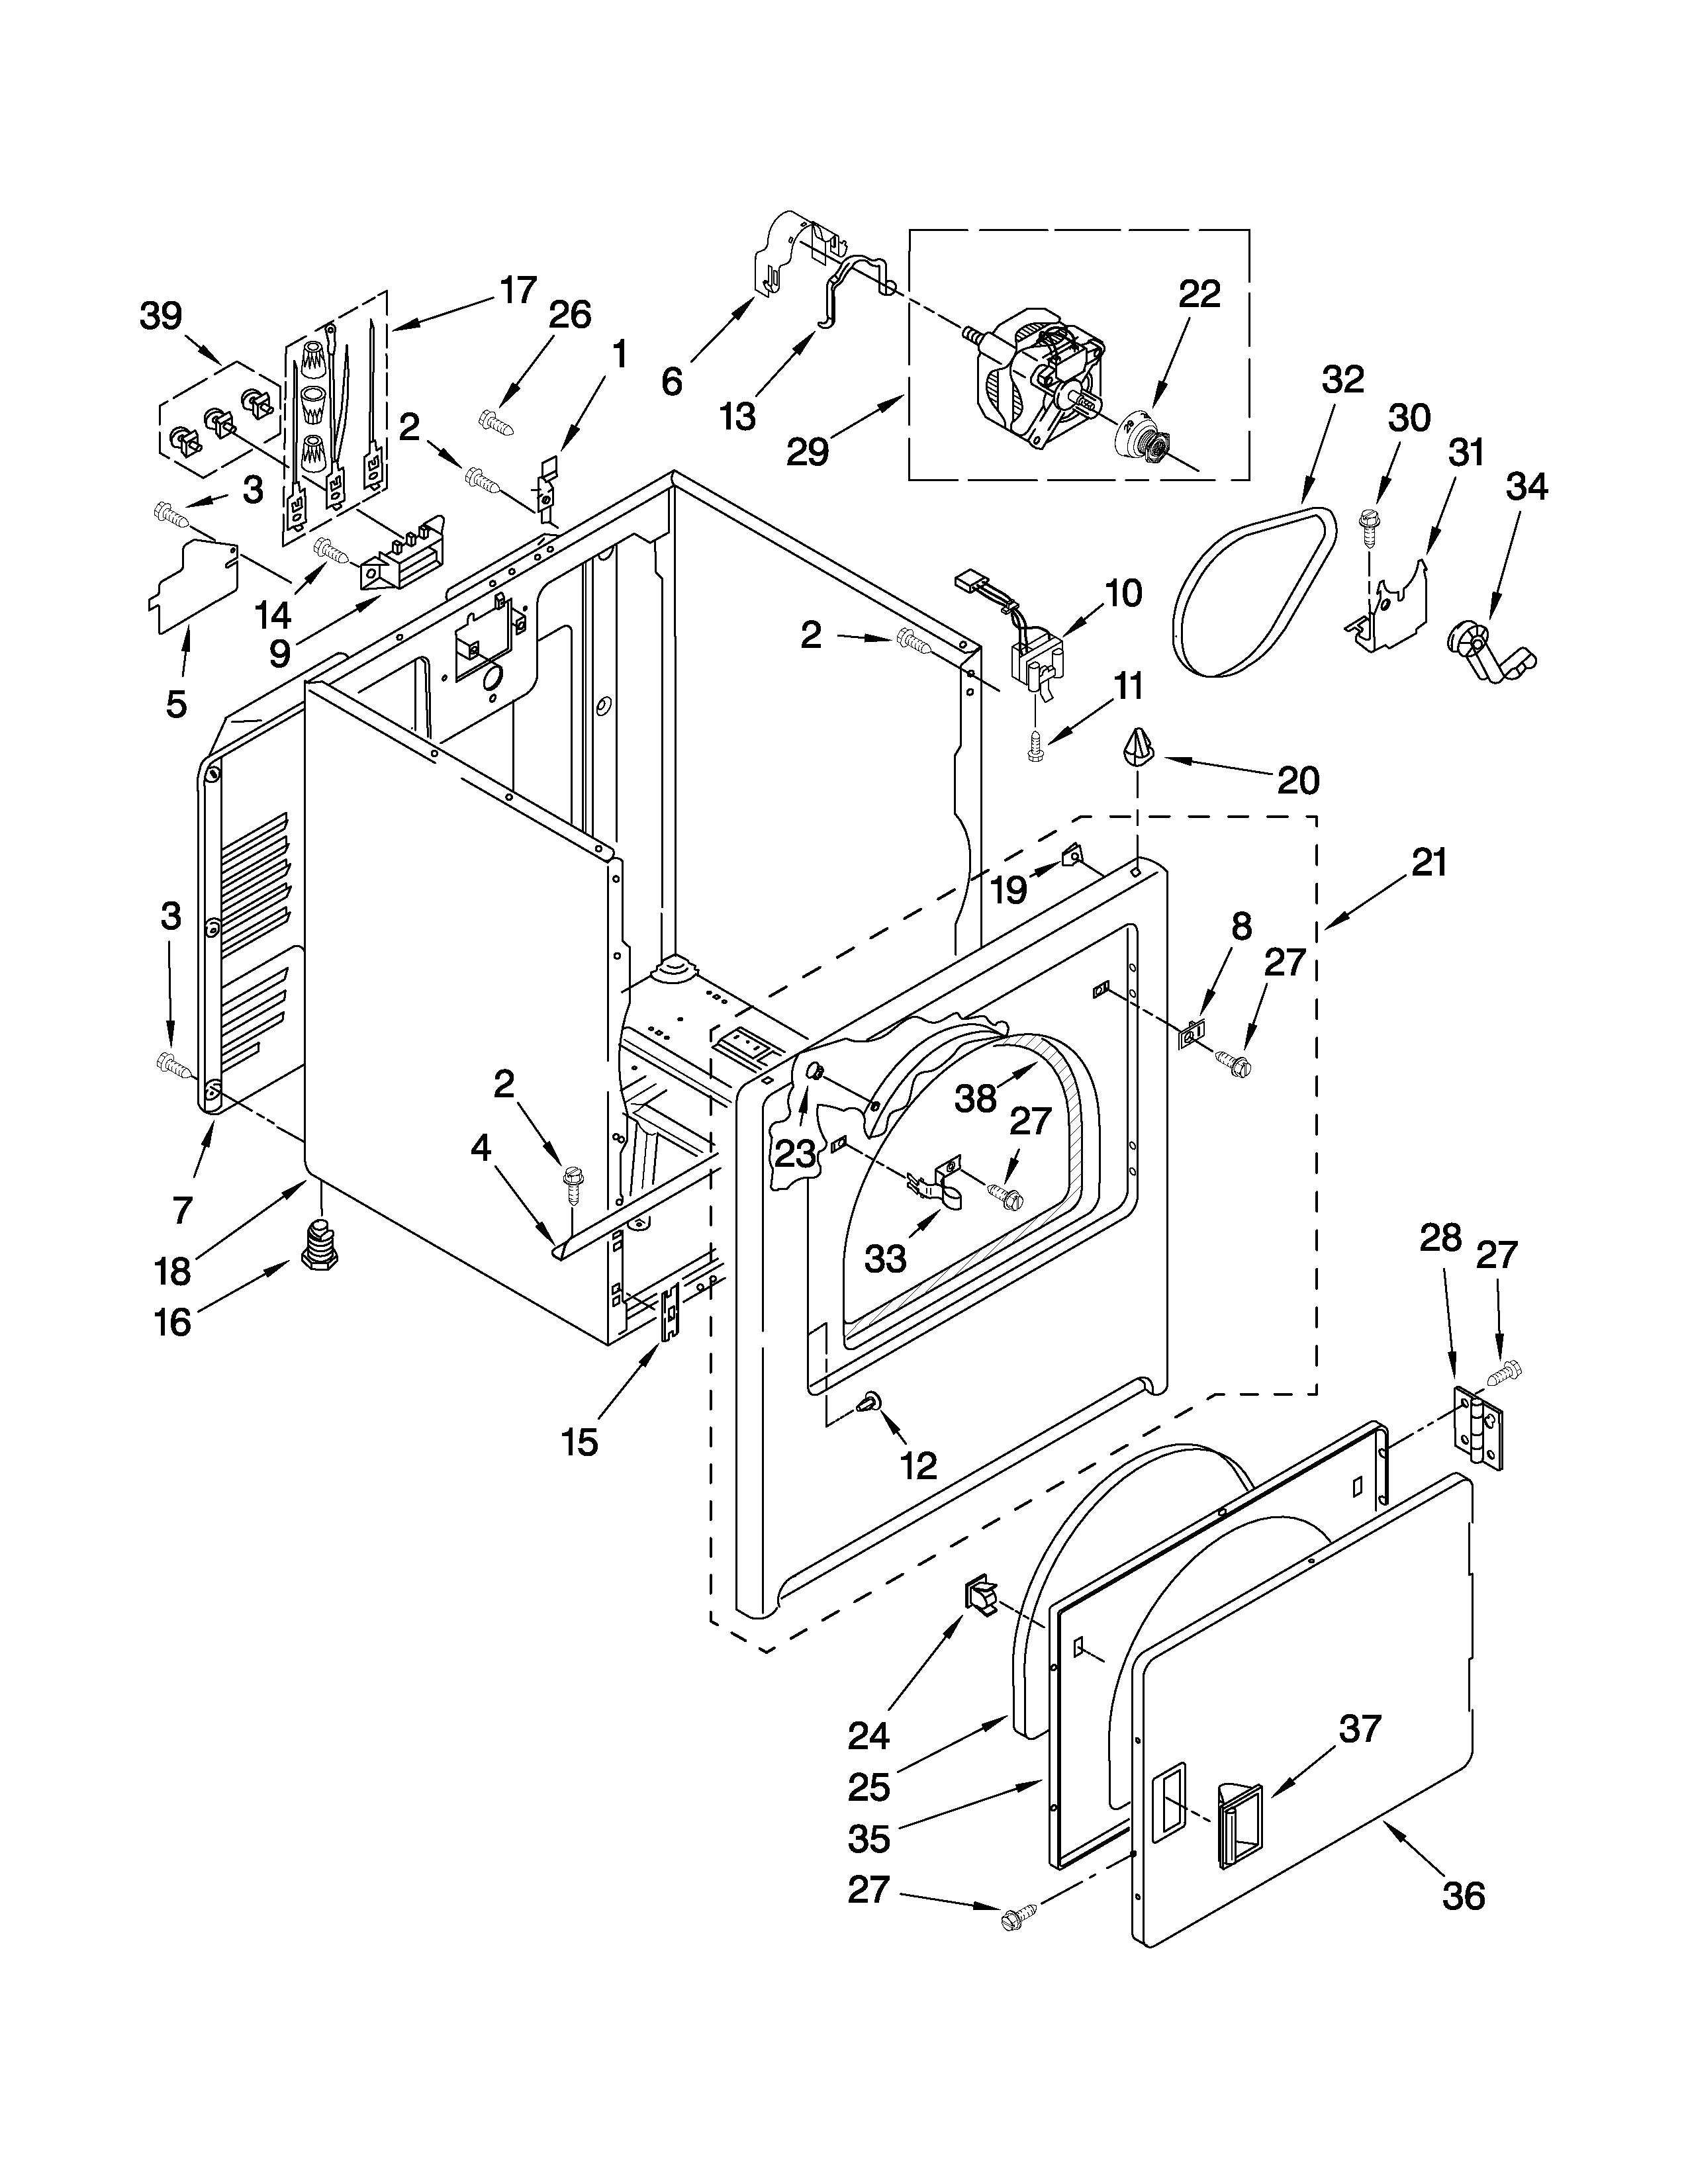 YX_5014] Samsung Dryer Parts Diagram Moreover Amana Electric Dryer Wiring  Schematic WiringTzici Inama Mohammedshrine Librar Wiring 101